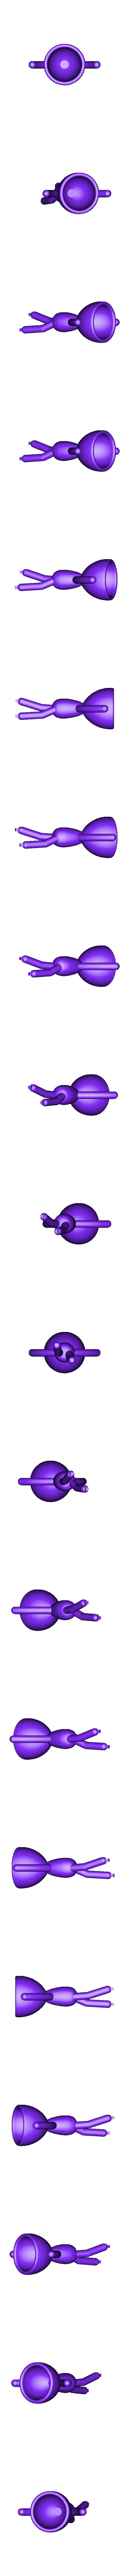 HIJO.stl Télécharger fichier STL gratuit Vase de la famille de Robert Vase de fleurs Mère Papa Fils / Fille • Plan pour imprimante 3D, CREATIONSISHI